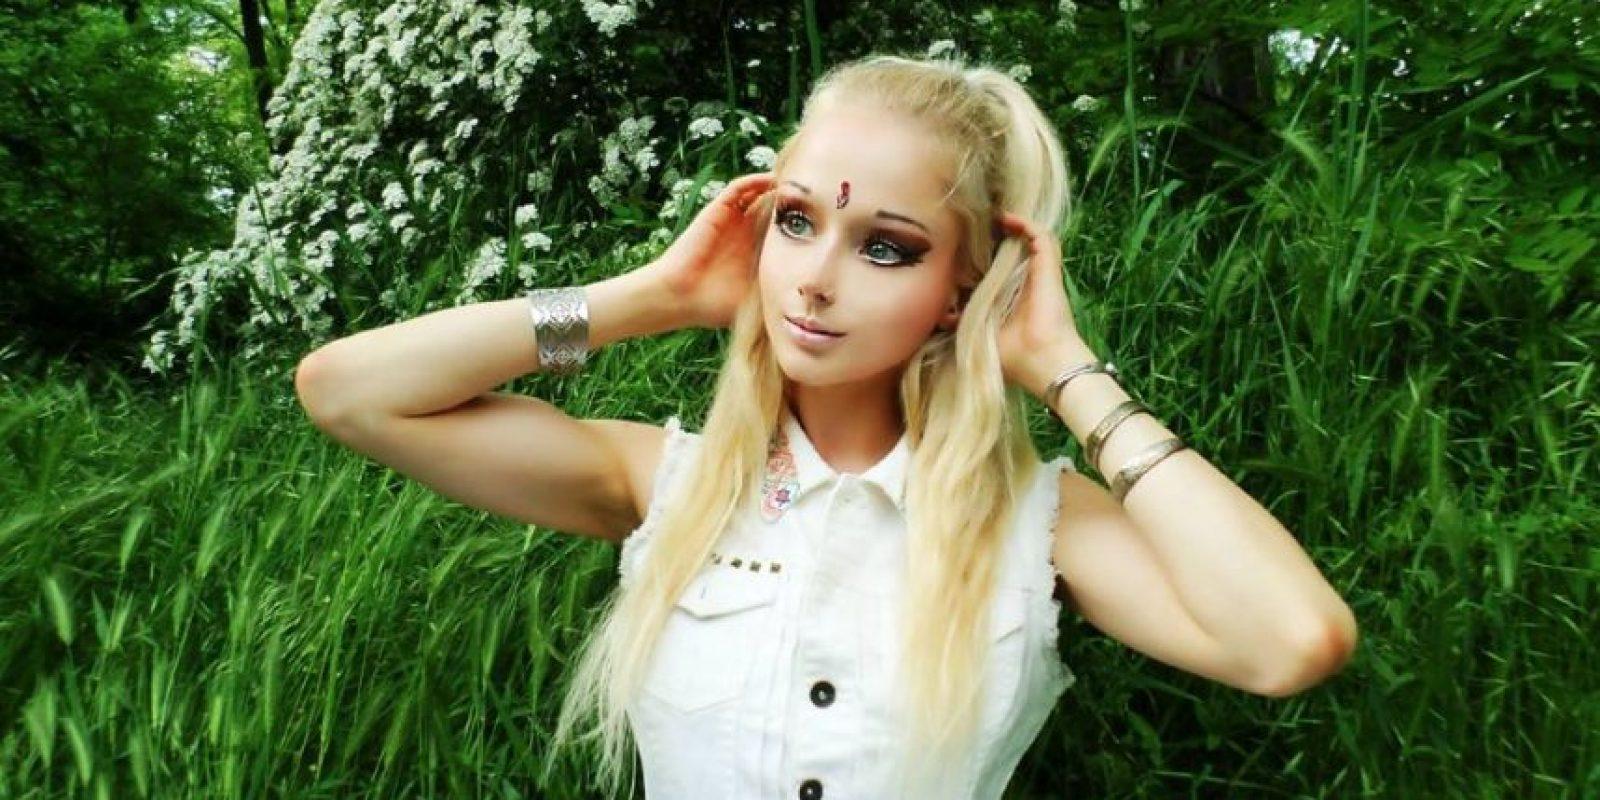 Quiso esperar a que su aspecto fuera el mismo, luego de haber sufrido golpes muy fuertes en el rostro. Foto:Vía Facebook/ValeriaLukyanova